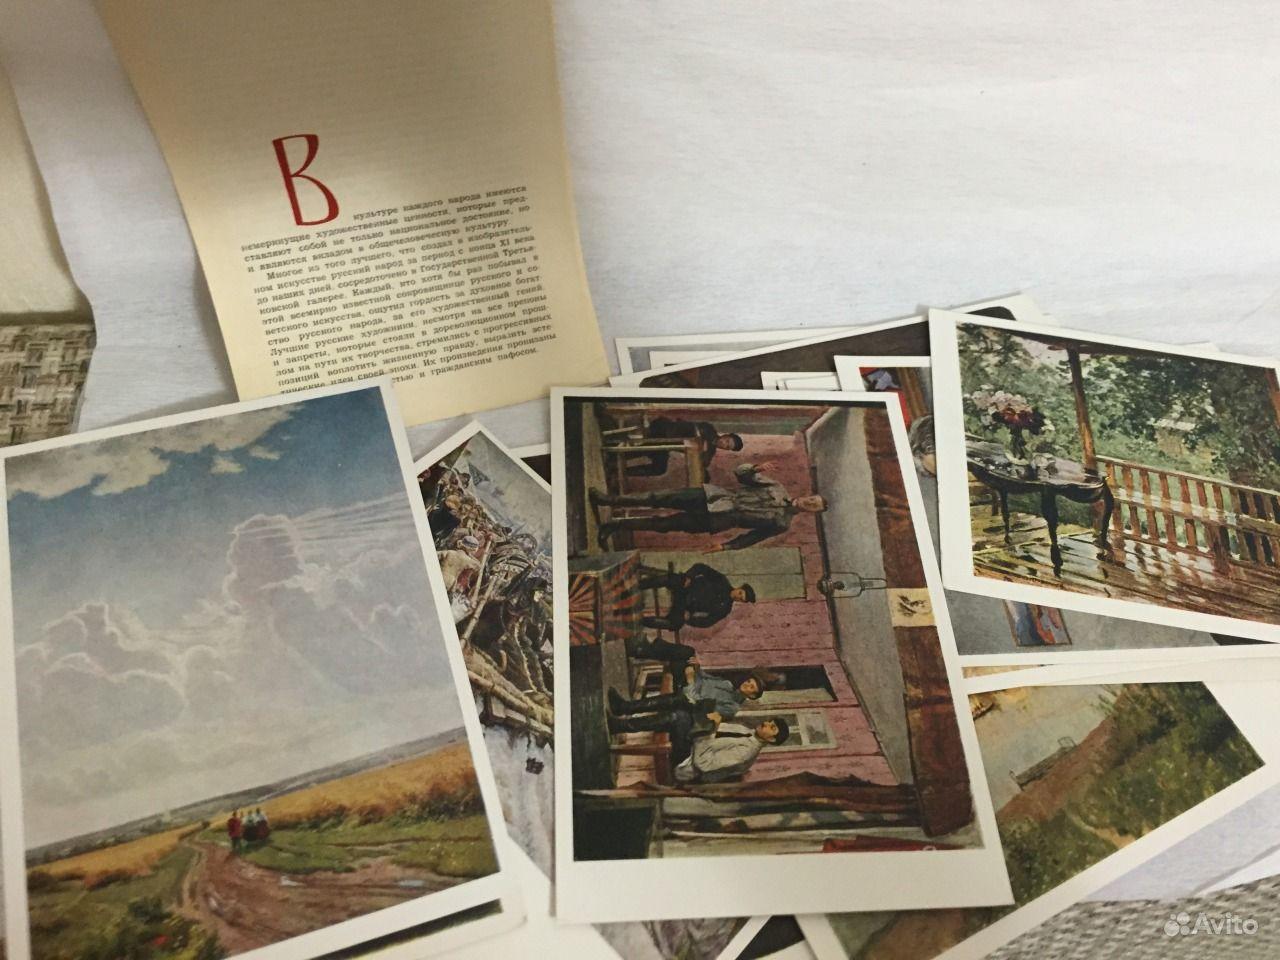 набор открыток третьяковская галерея также поручил